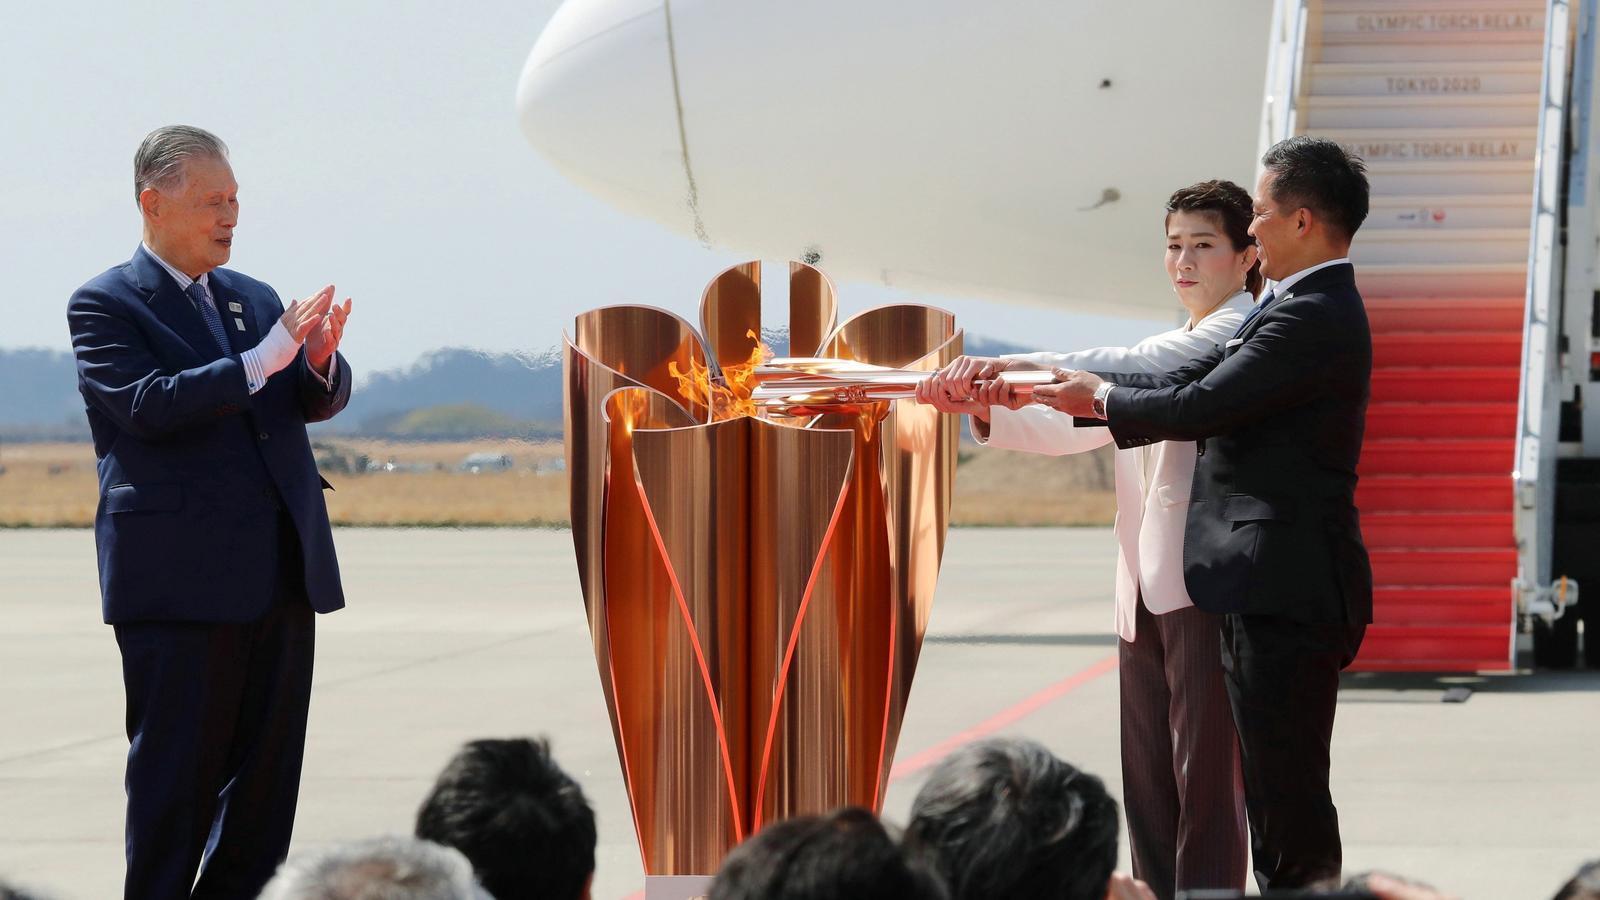 La flama olímpica ja ha arribat al Japó